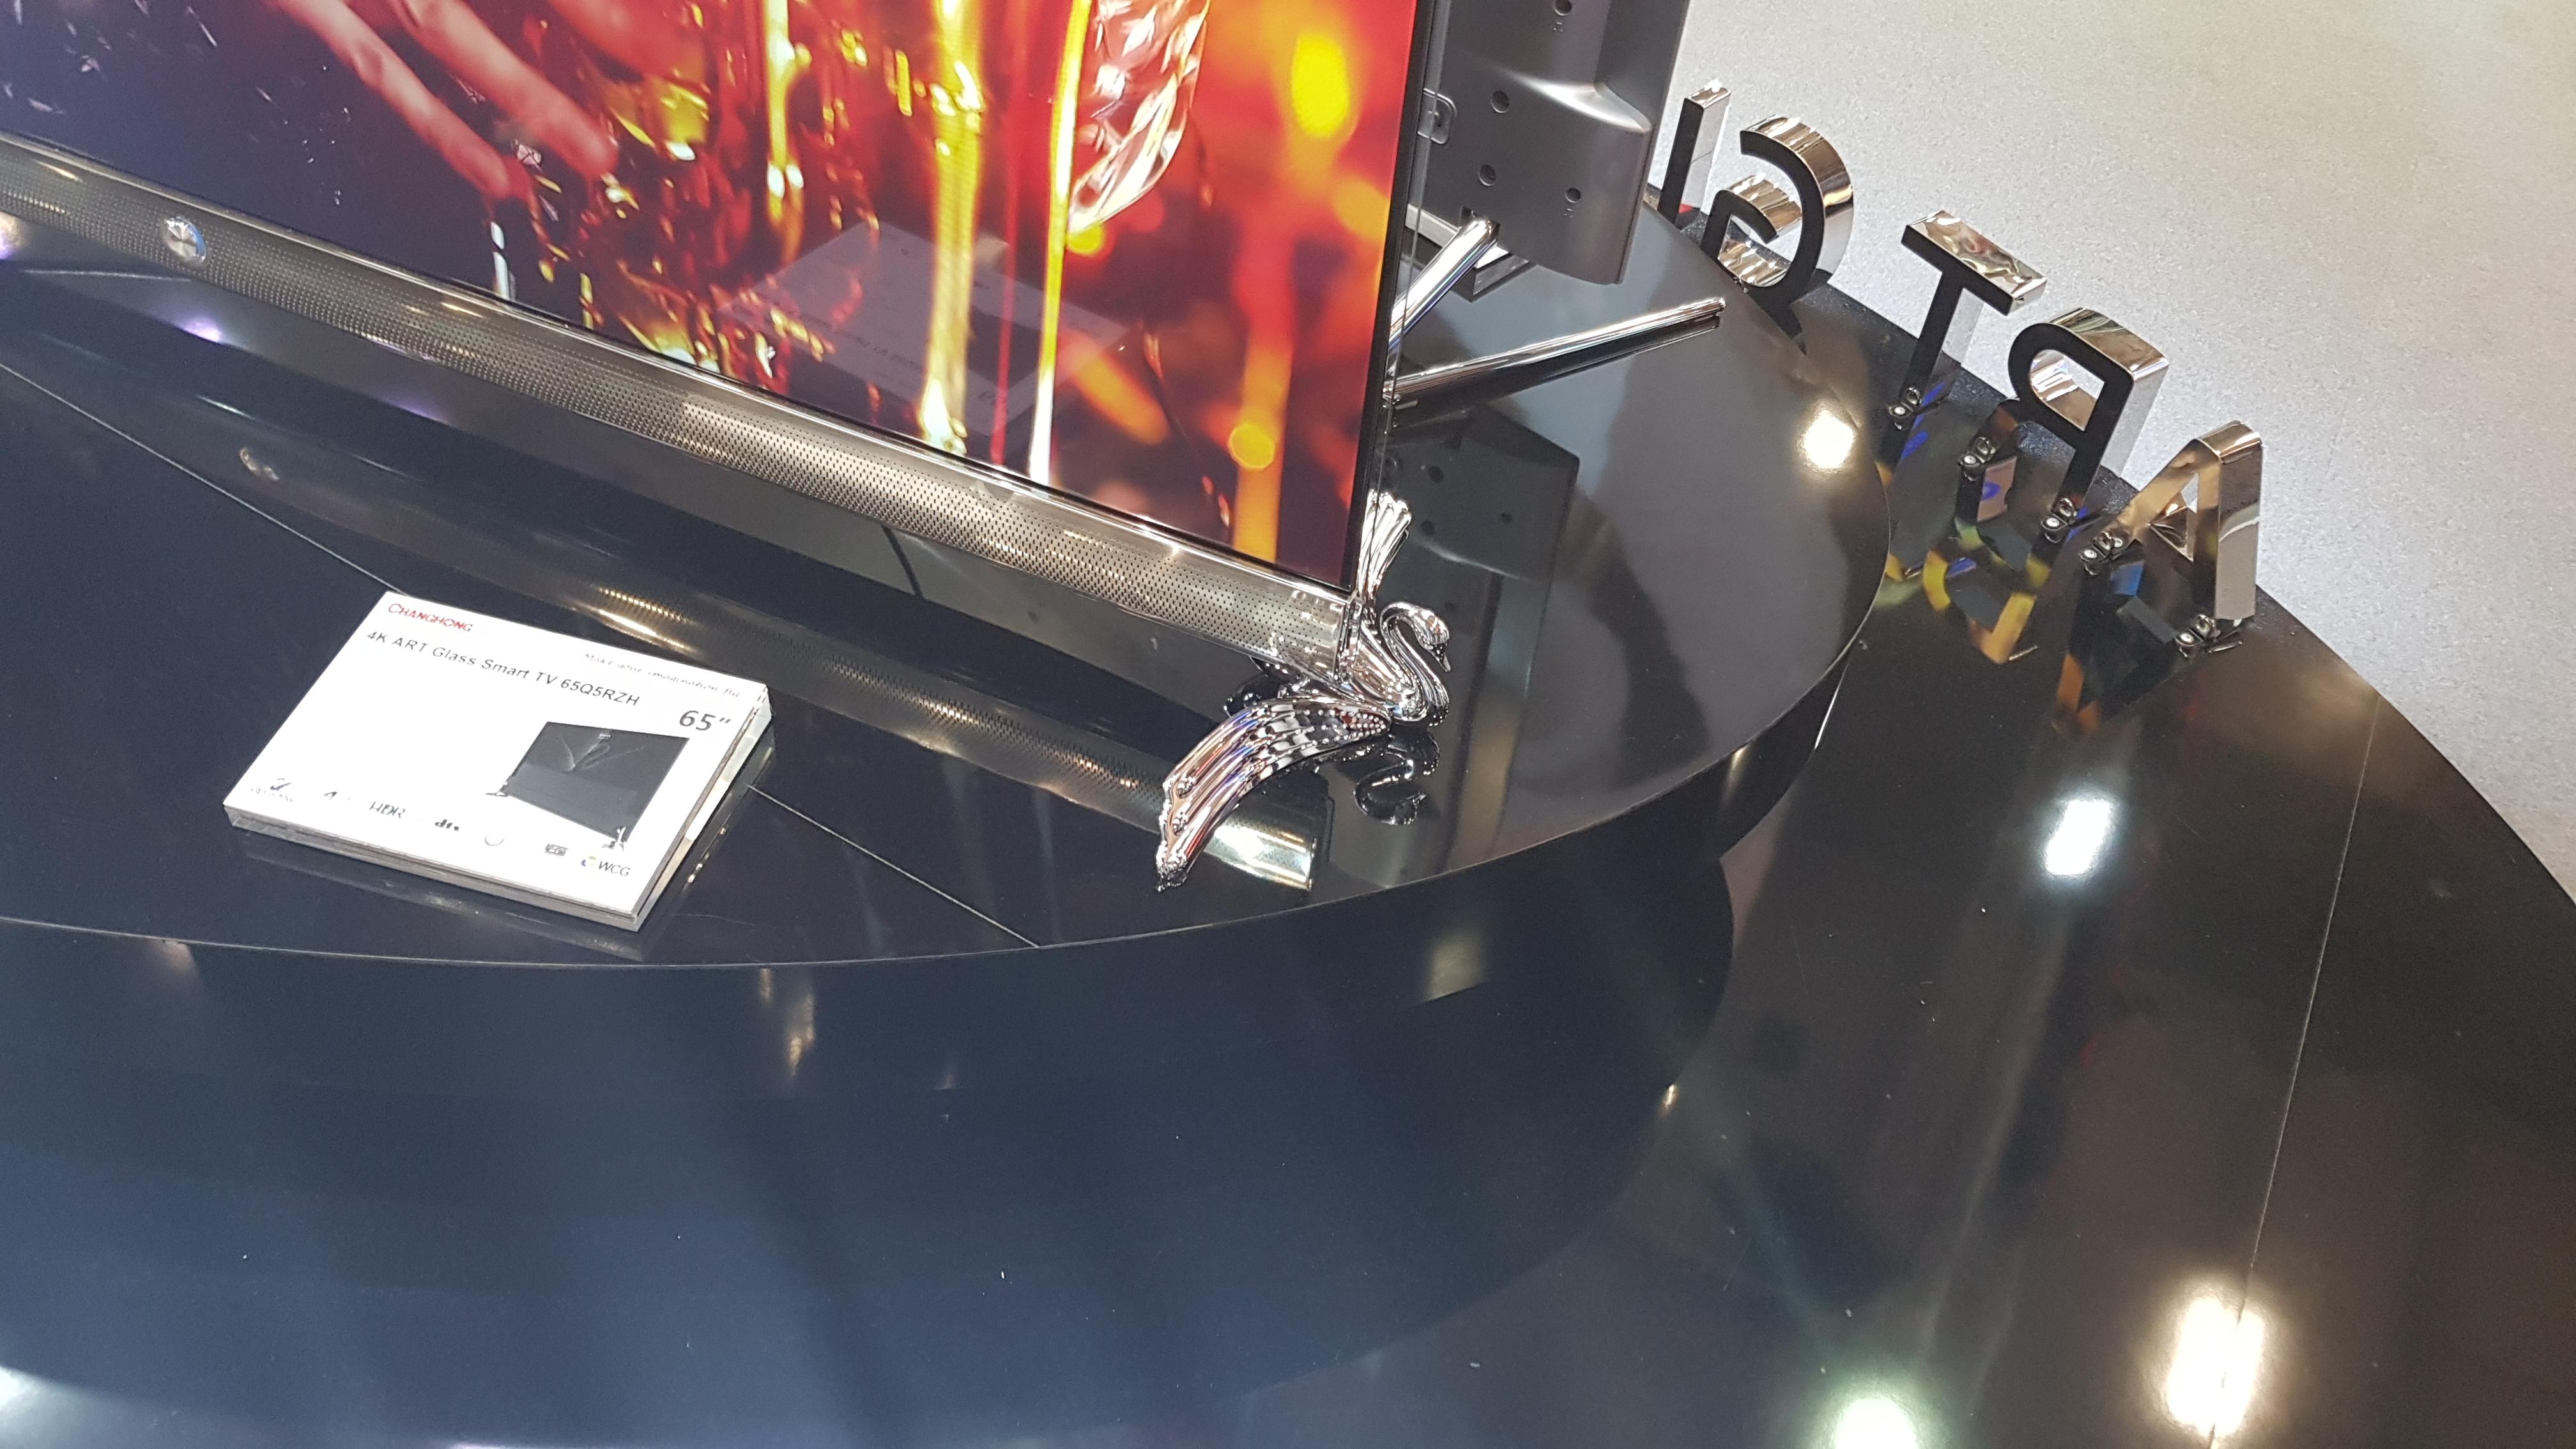 La innecesaria y opulenta base de uno de los televisores Changhong hecha en cristal de Swaroski